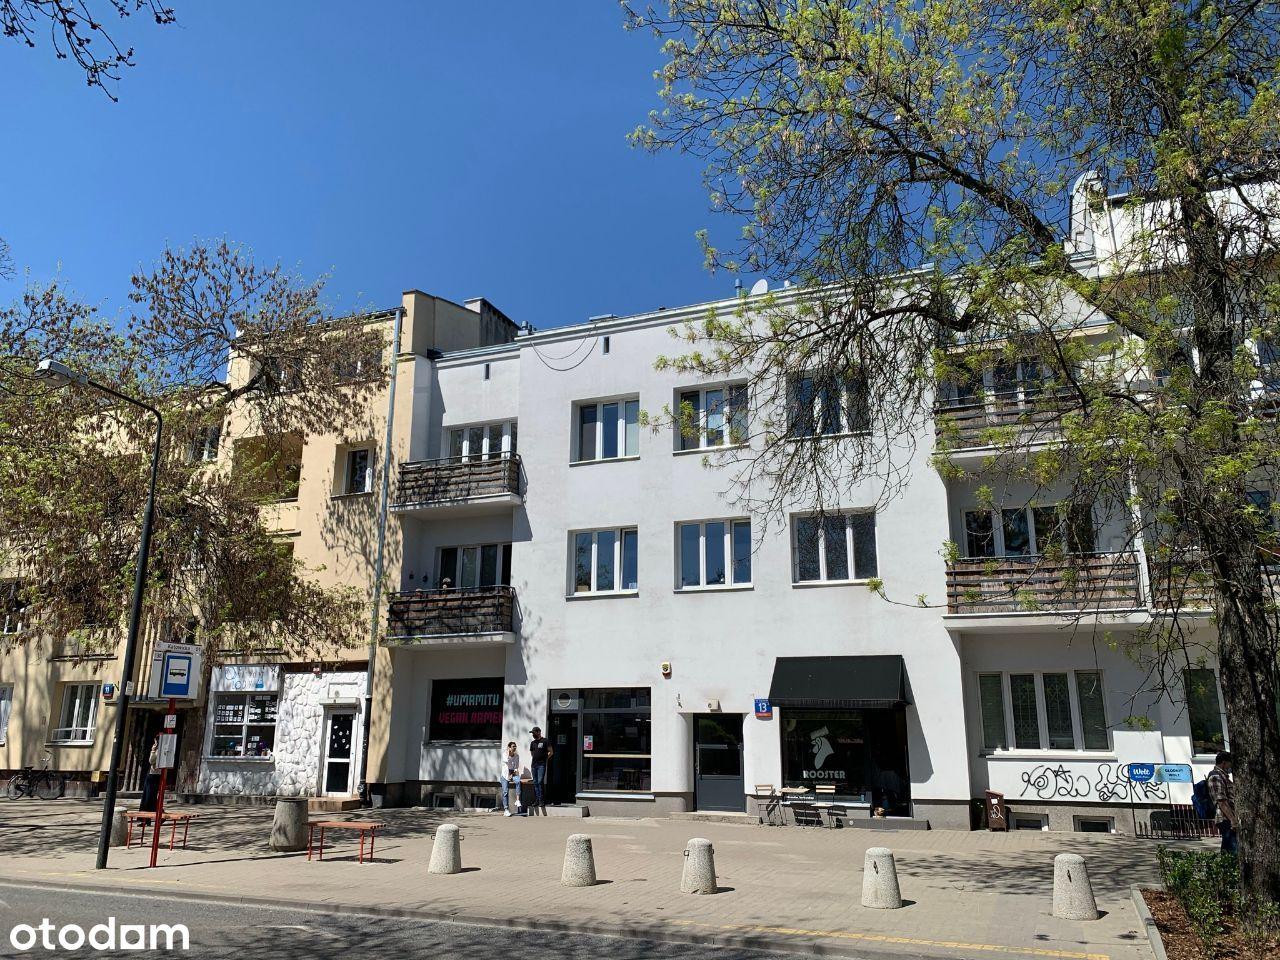 Lokal usługowy i mieszkanie, Warszawa, Saska Kępa